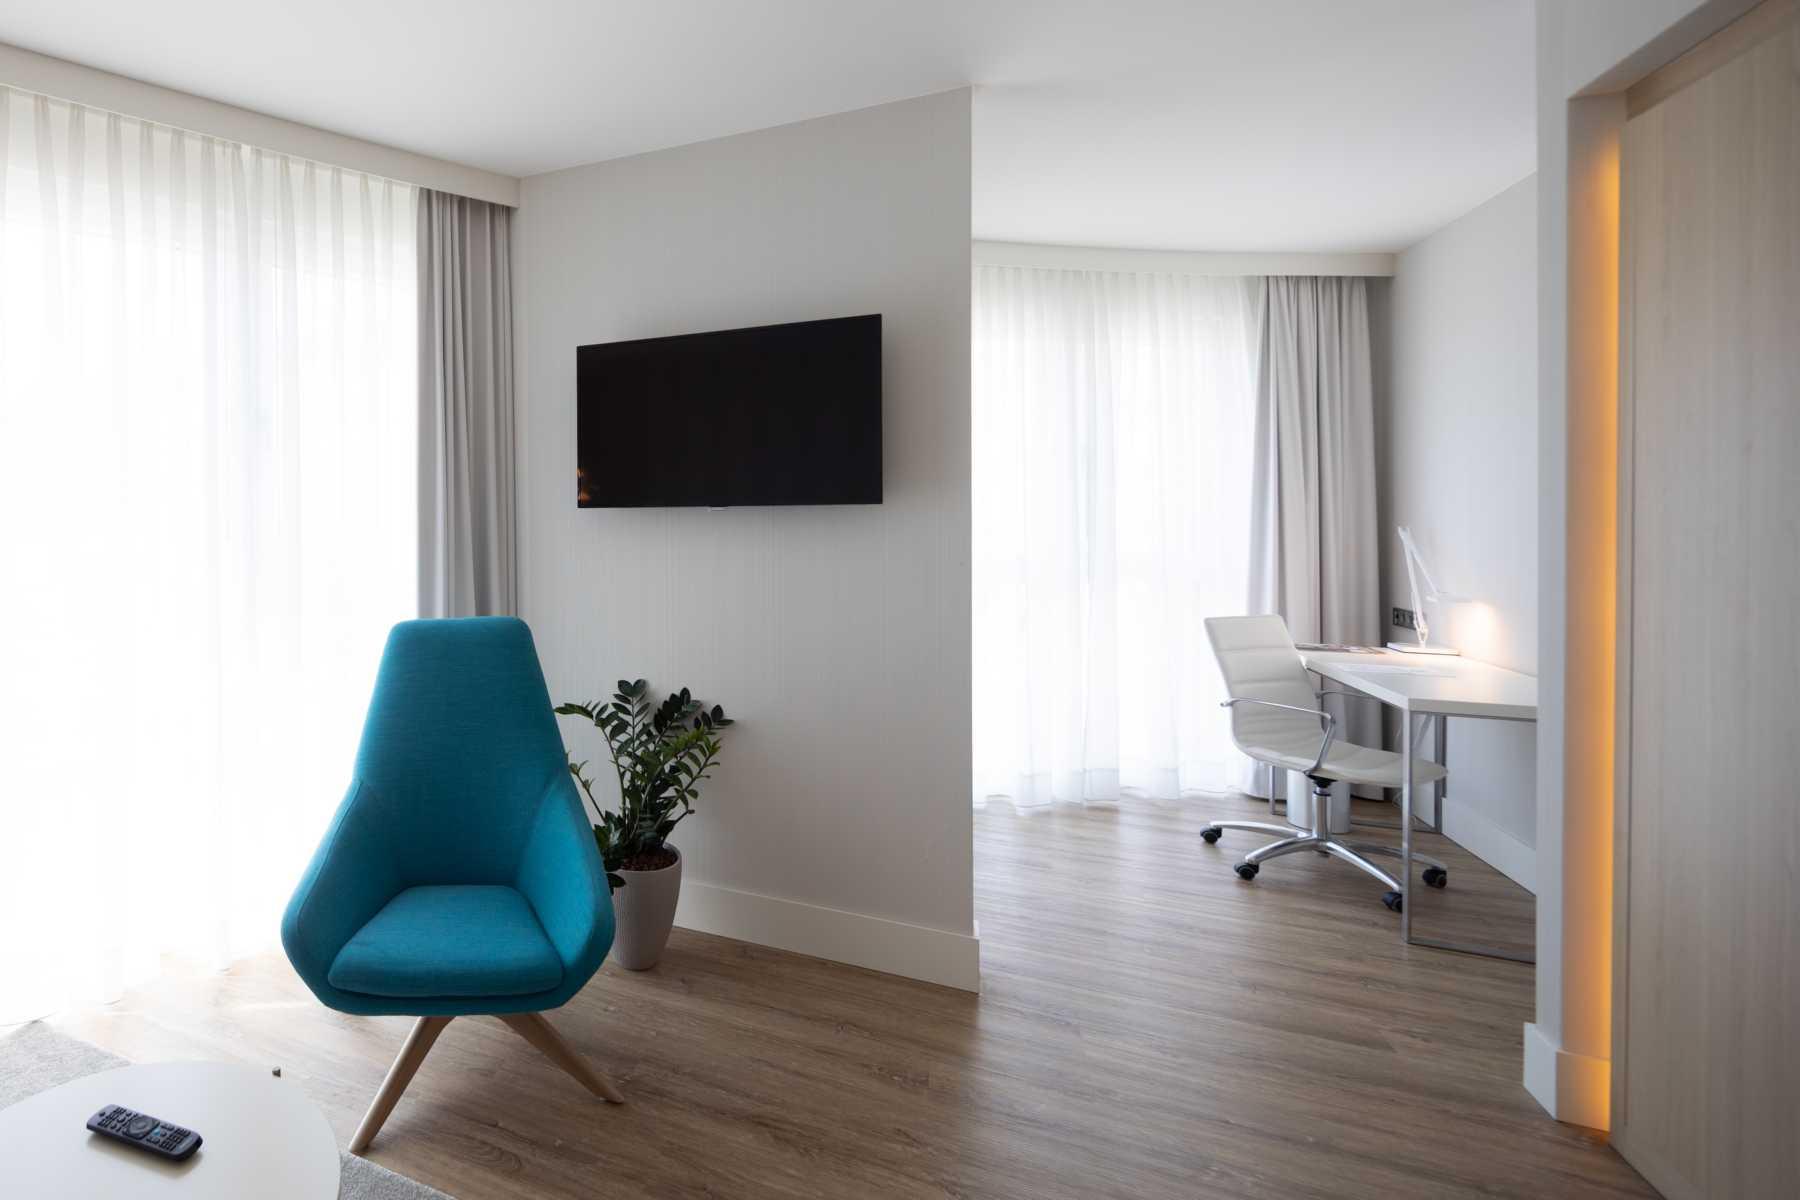 K1600_20200624_075_Prasch Buken Partner Architekten ©DUCKEK NH Hotels niu Hotels Mannheim__G9A5738